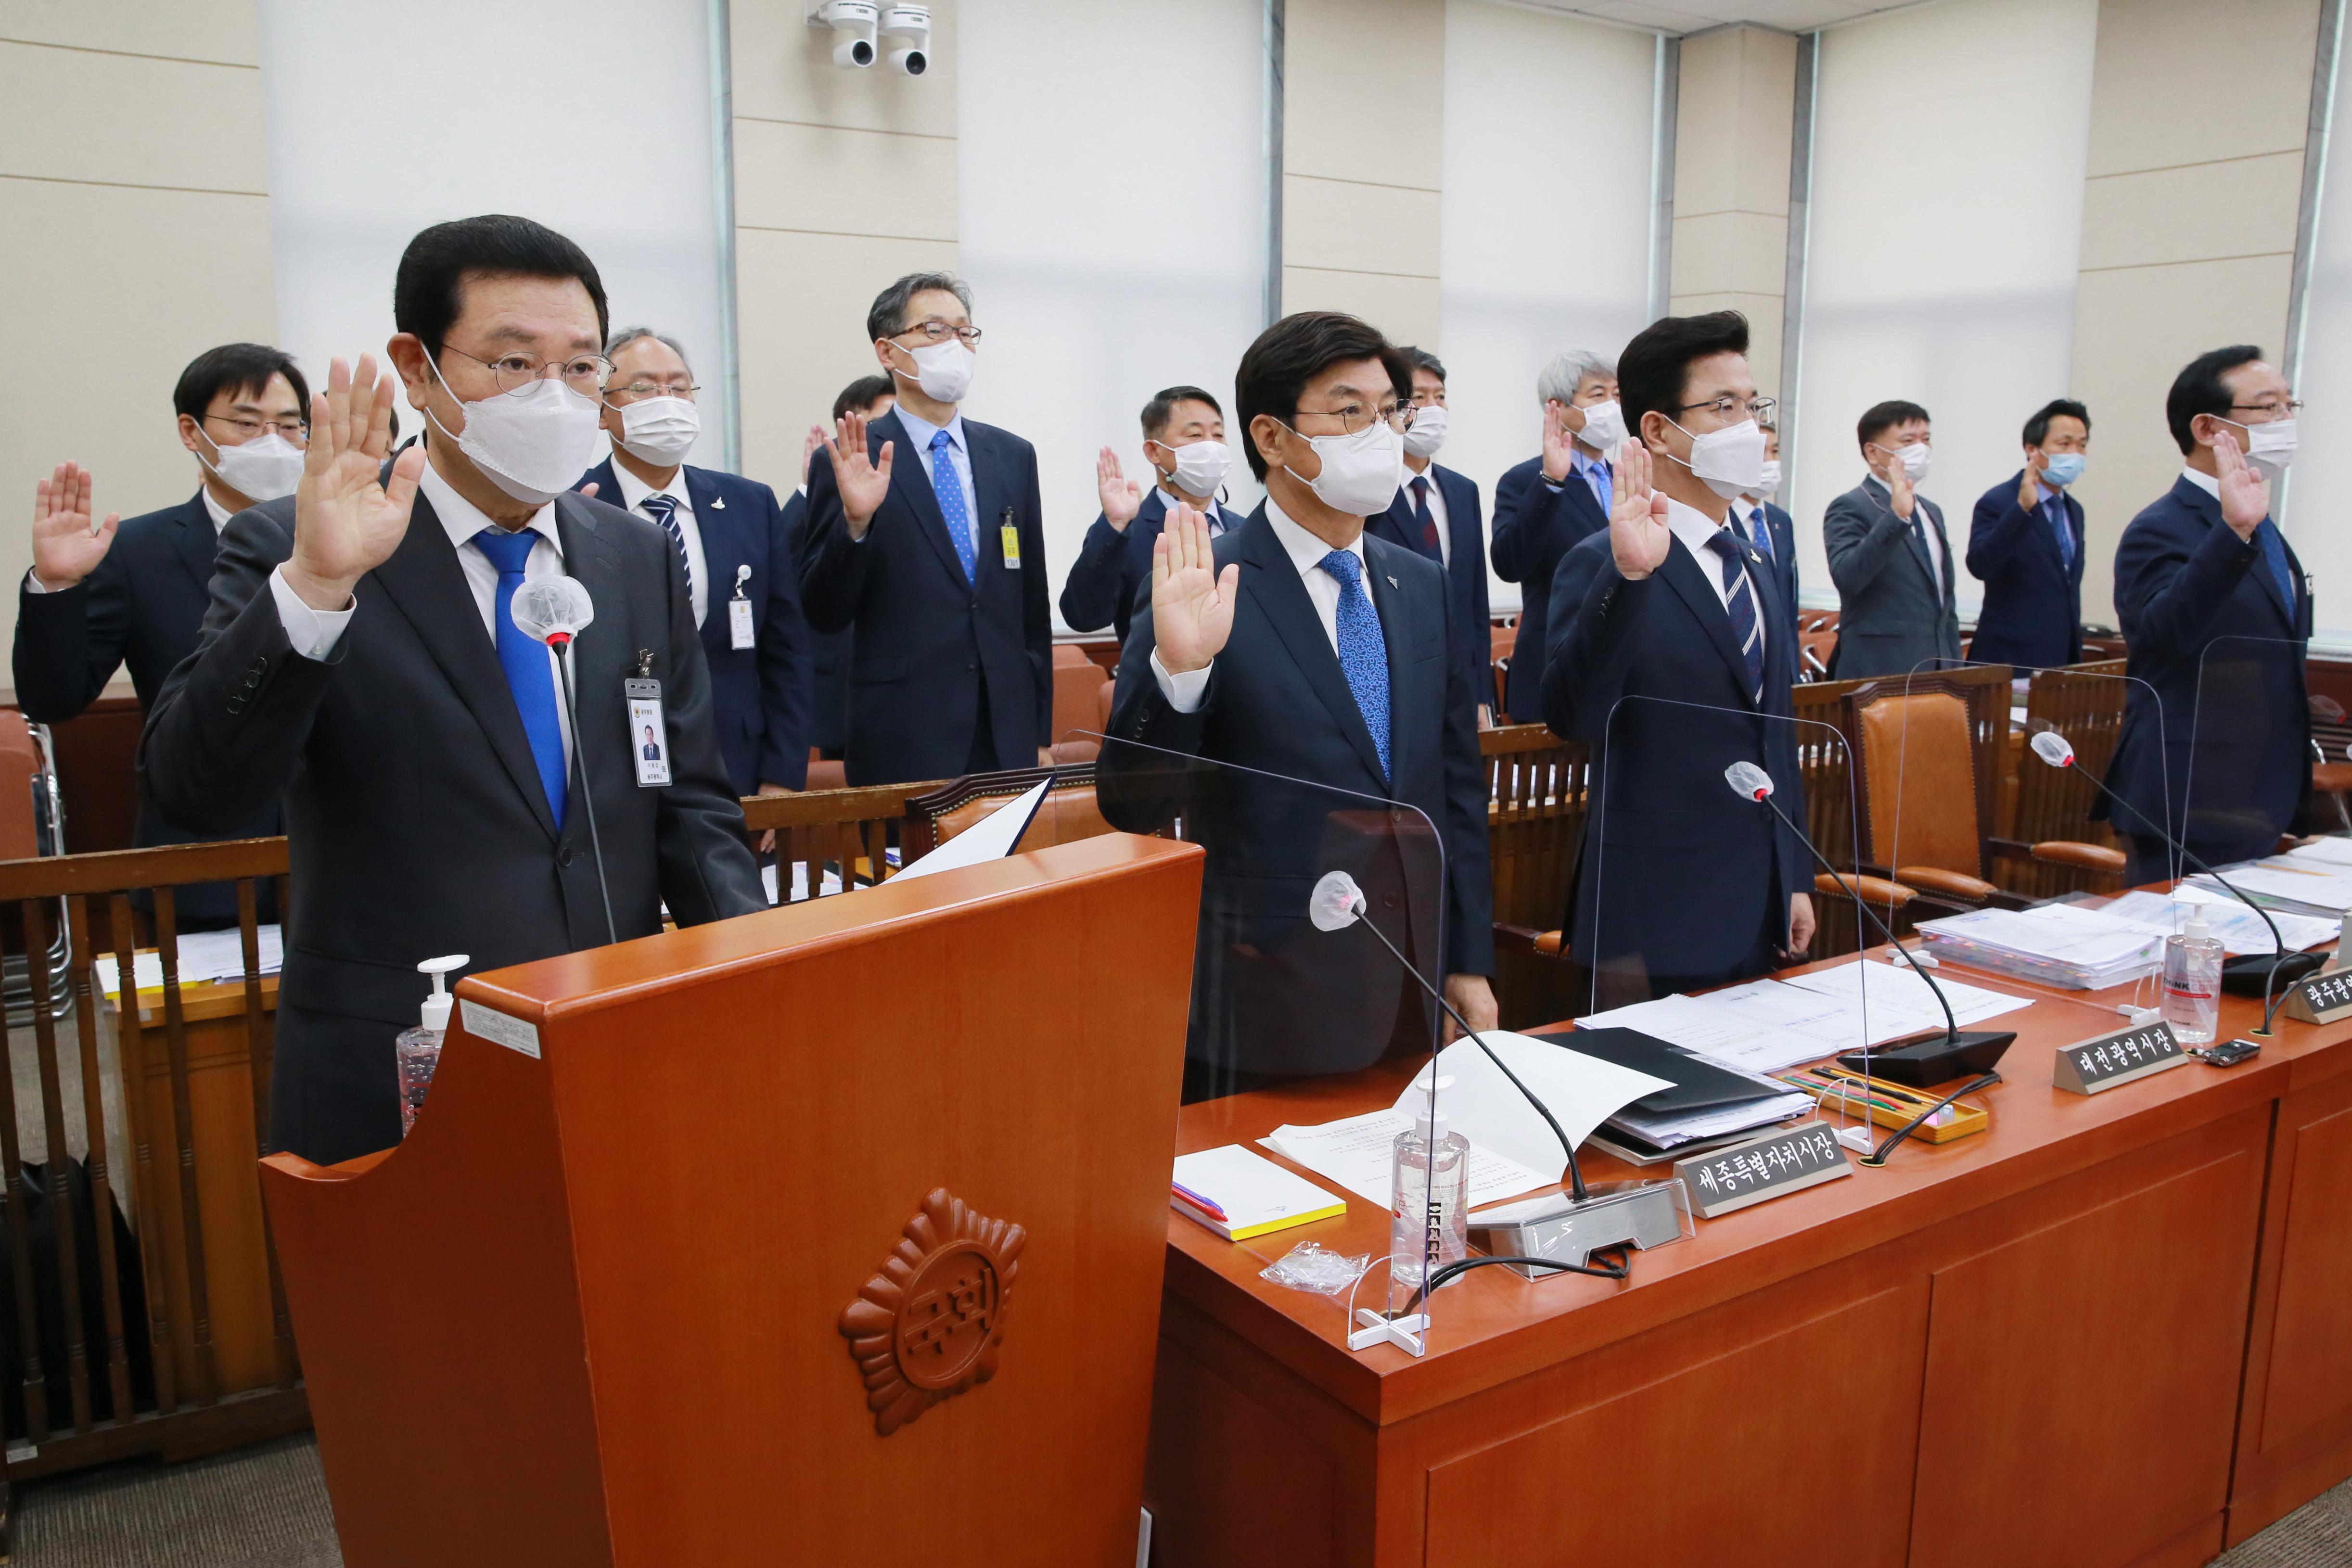 행안위, '세종·대전·광주·울산' 등 4개 특·광역시 국정감사